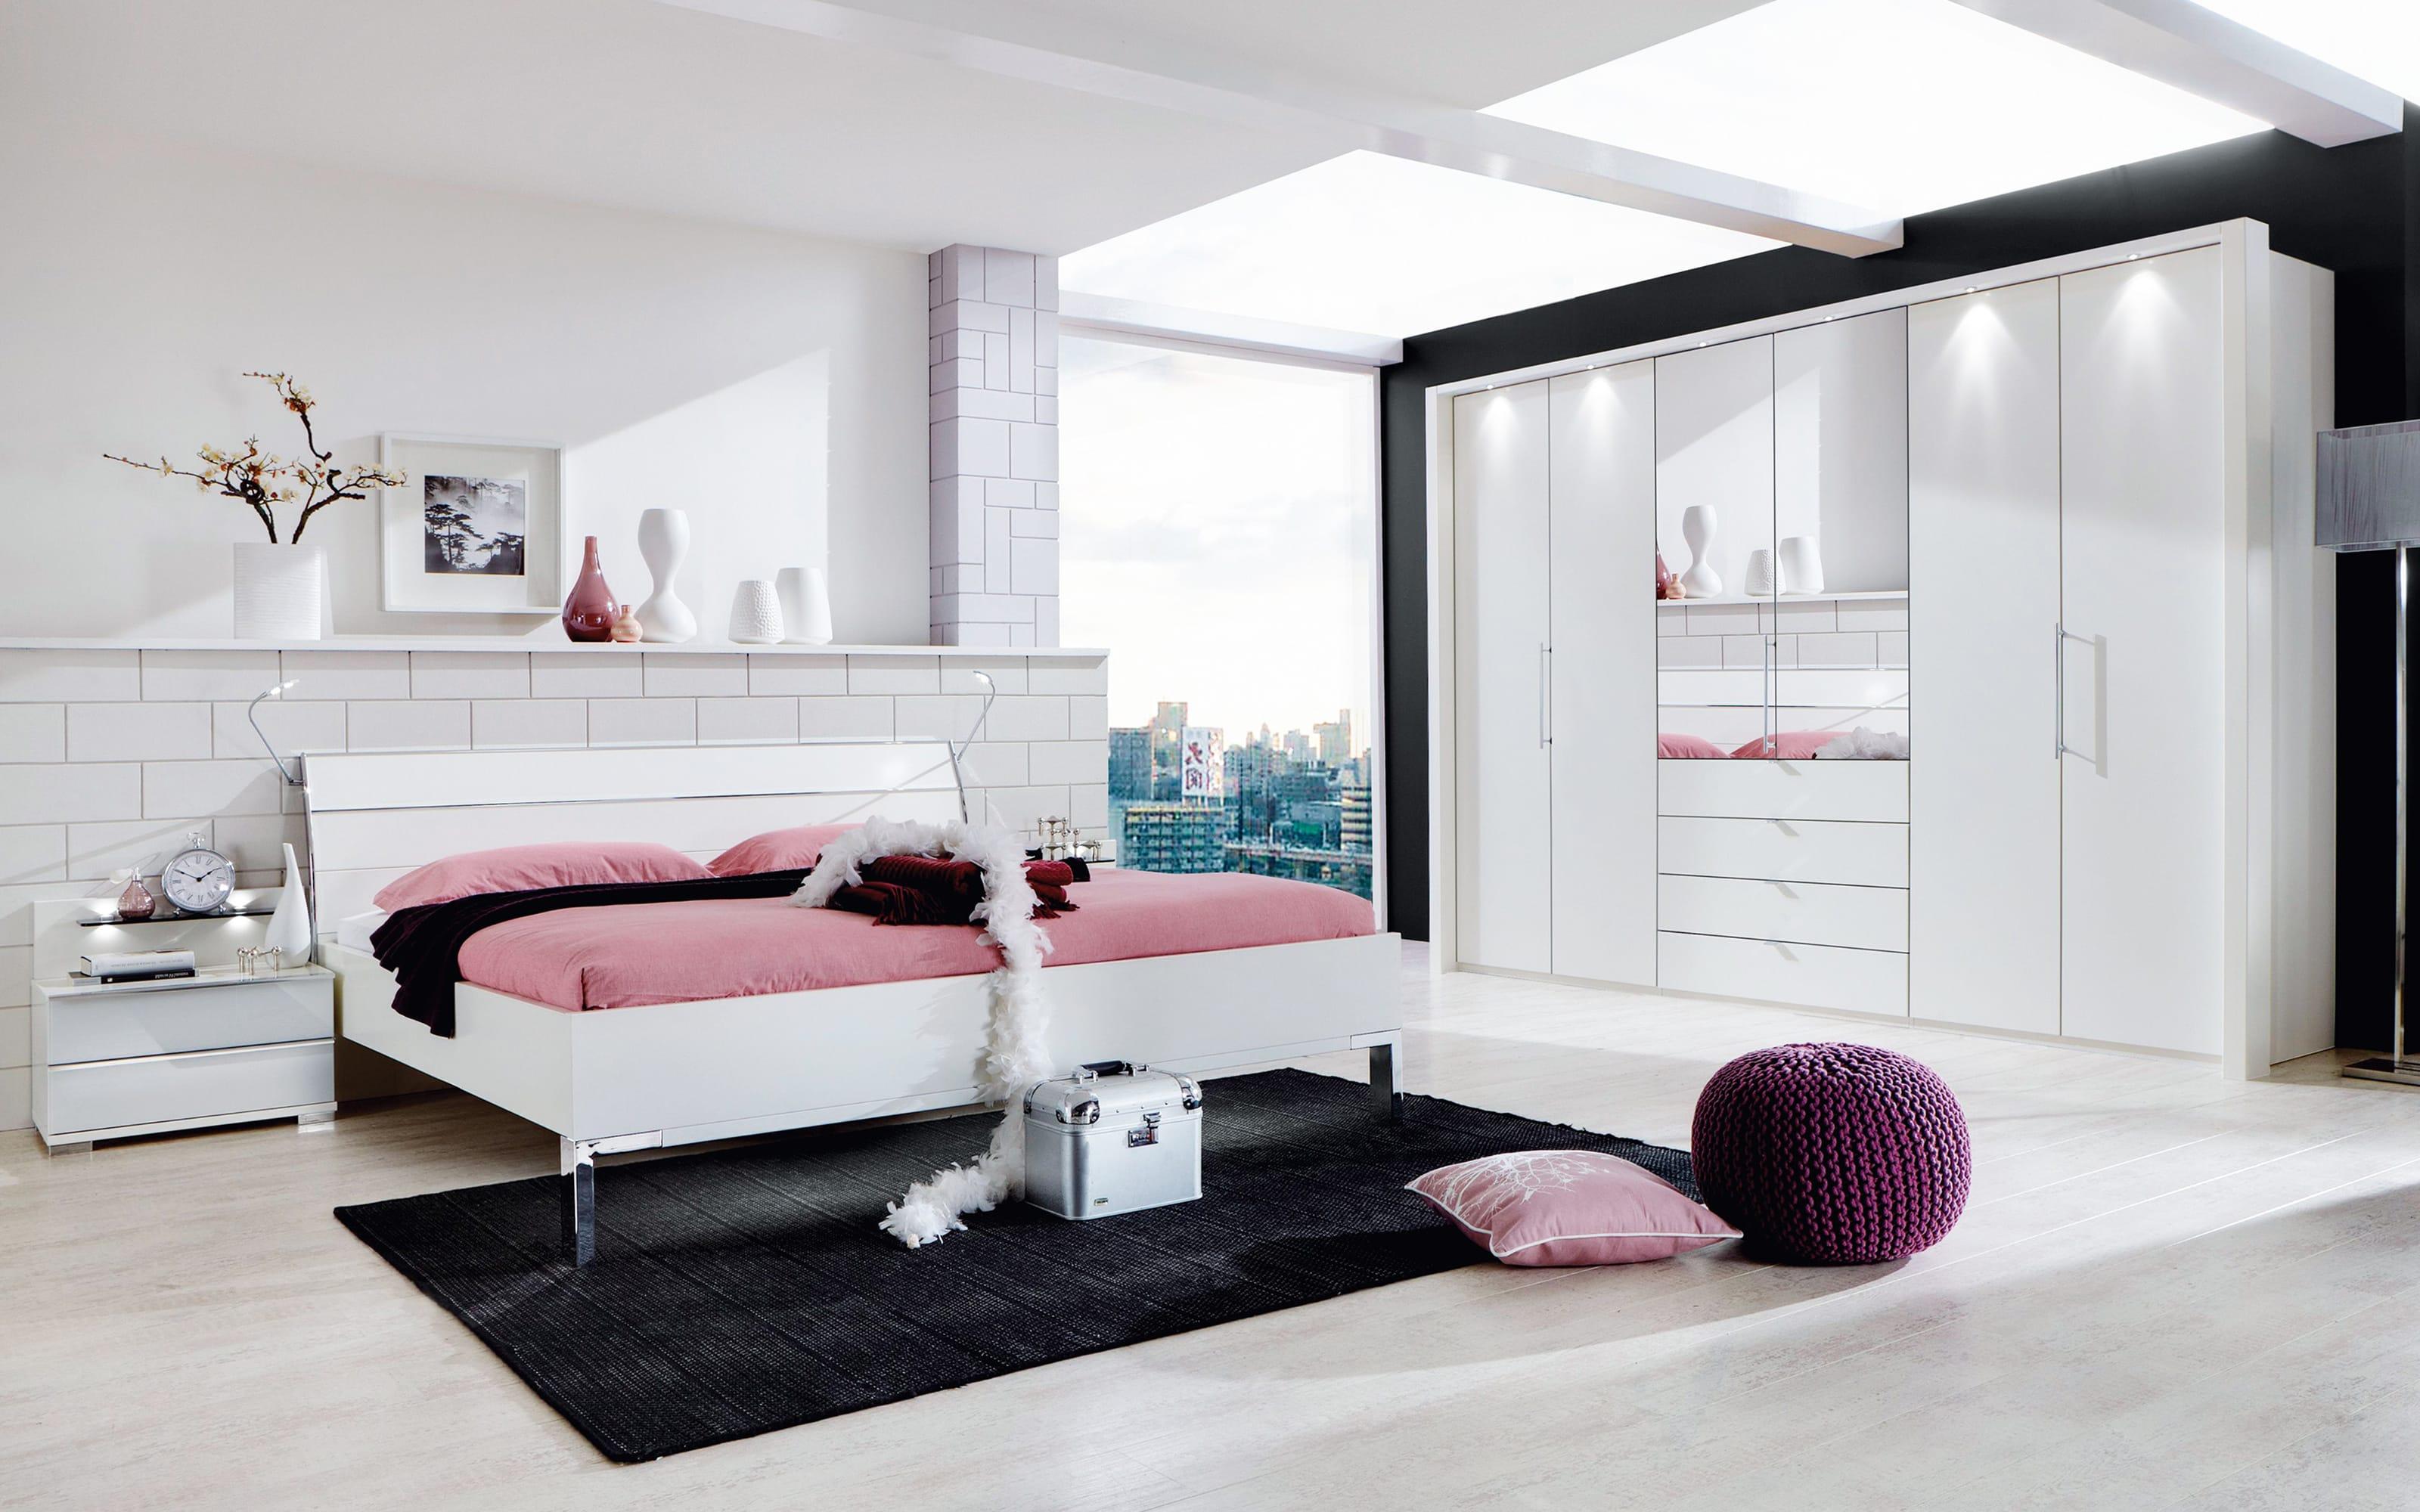 Schlafzimmer Loft in alpinweiß, Schrankbreite ca. 300 cm, Liegefläche ca. 180 x 200 cm